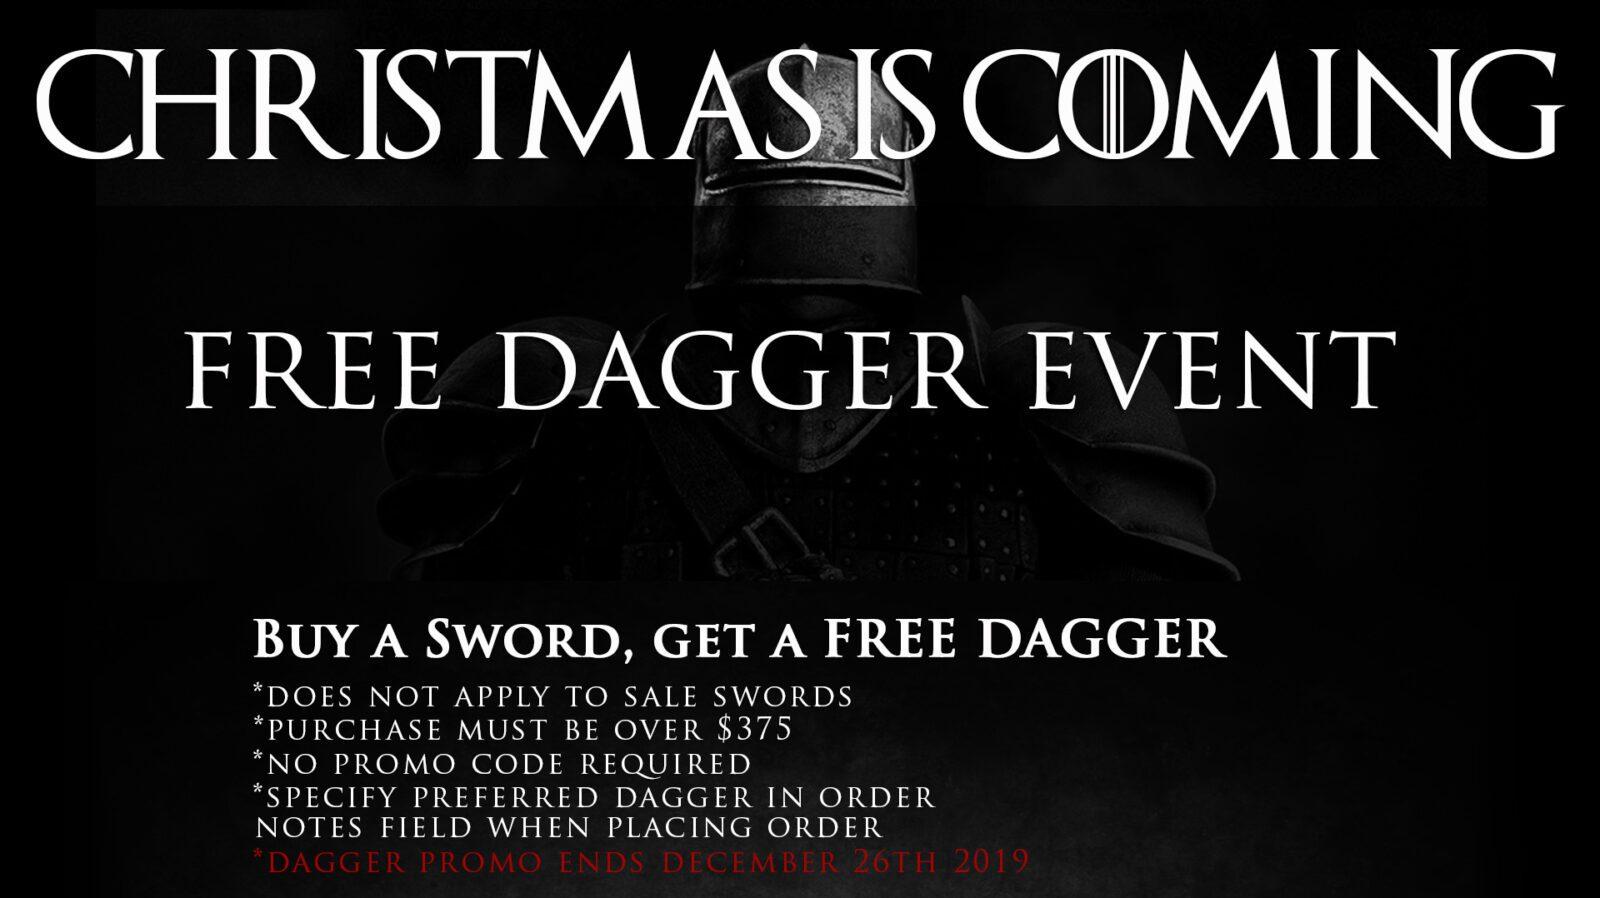 free-dagger-medieval-sword-sale-banner-5